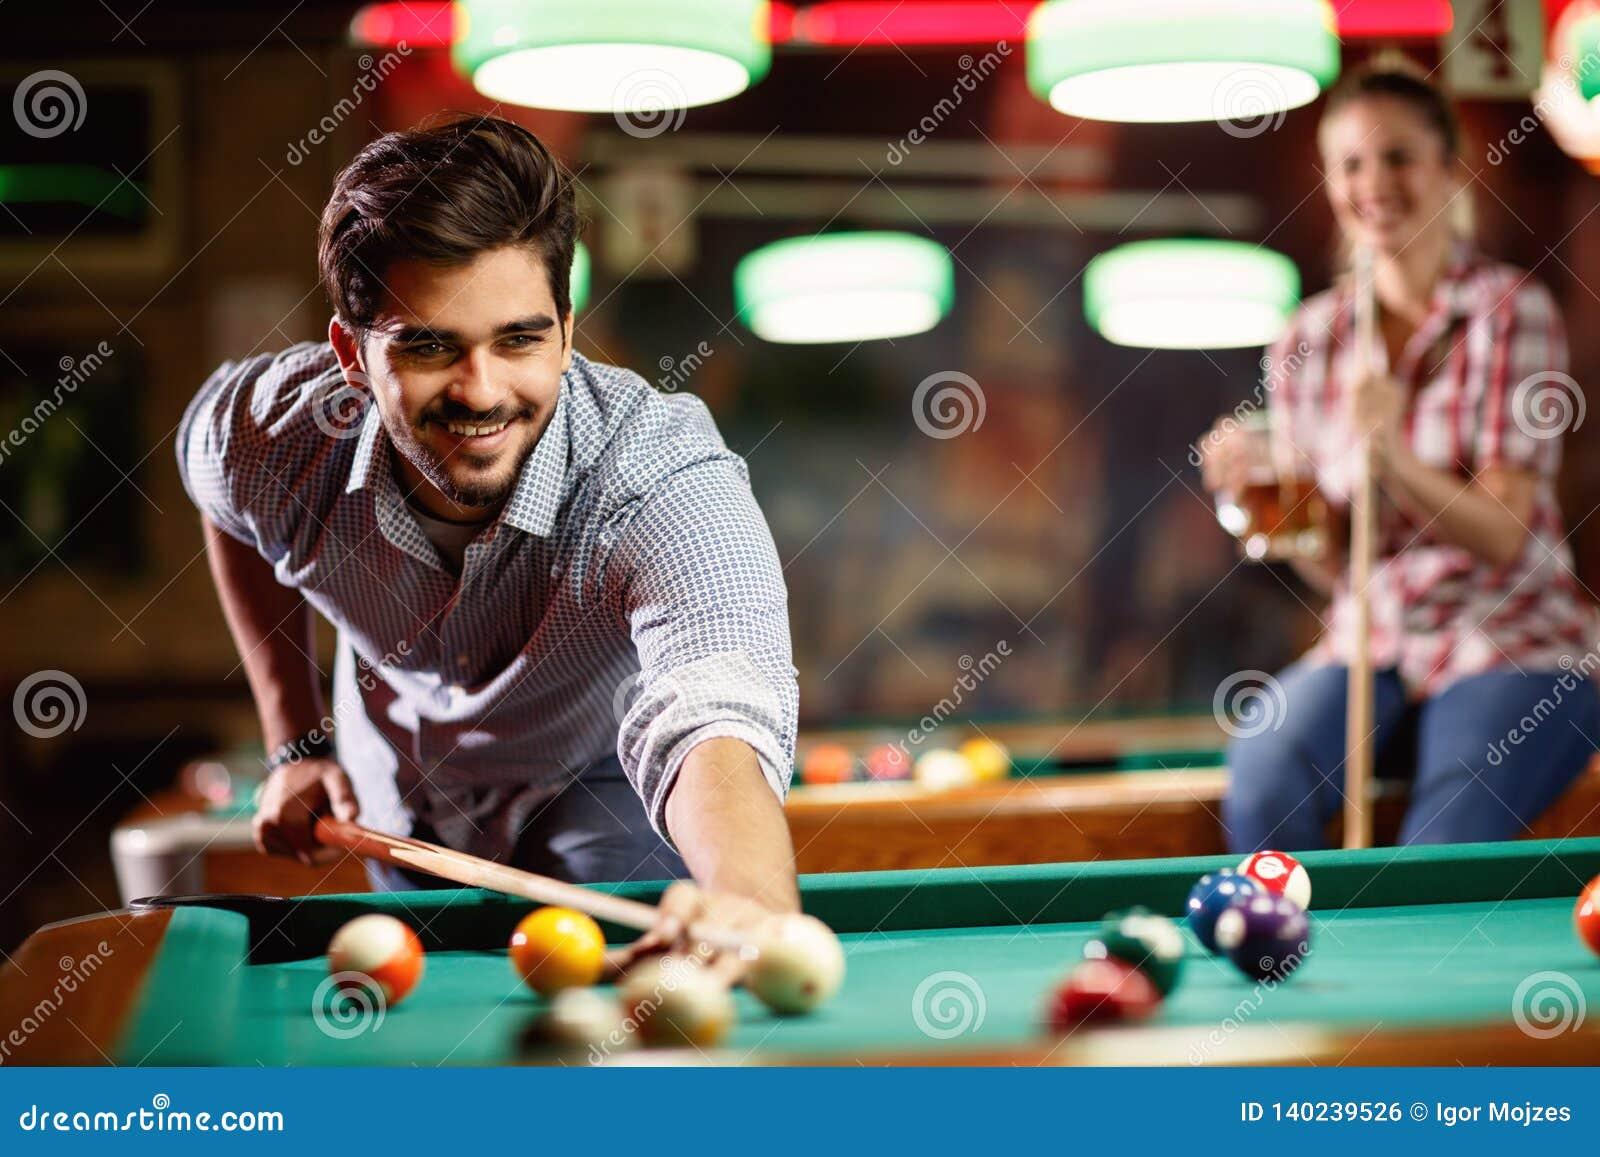 Biljartspel het glimlachen mens het spelen snooker